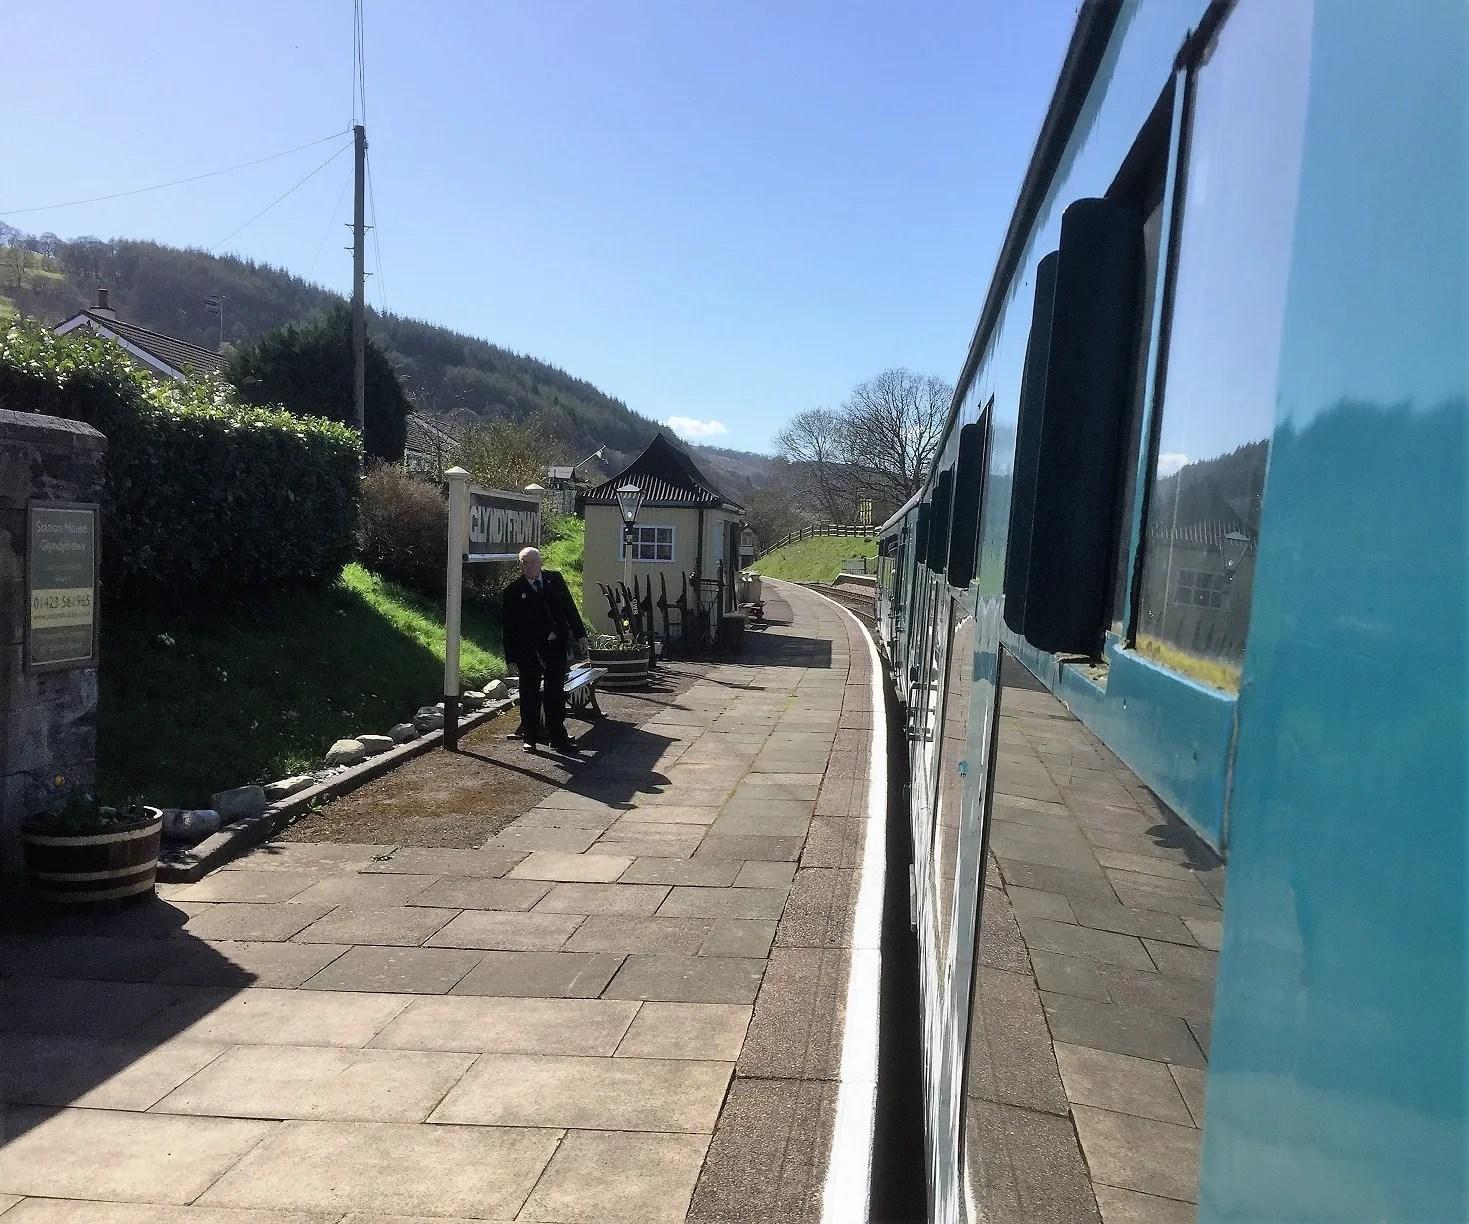 Leaving Glyndyfrdwy Station heading to Corwen on the Llangollen Railway